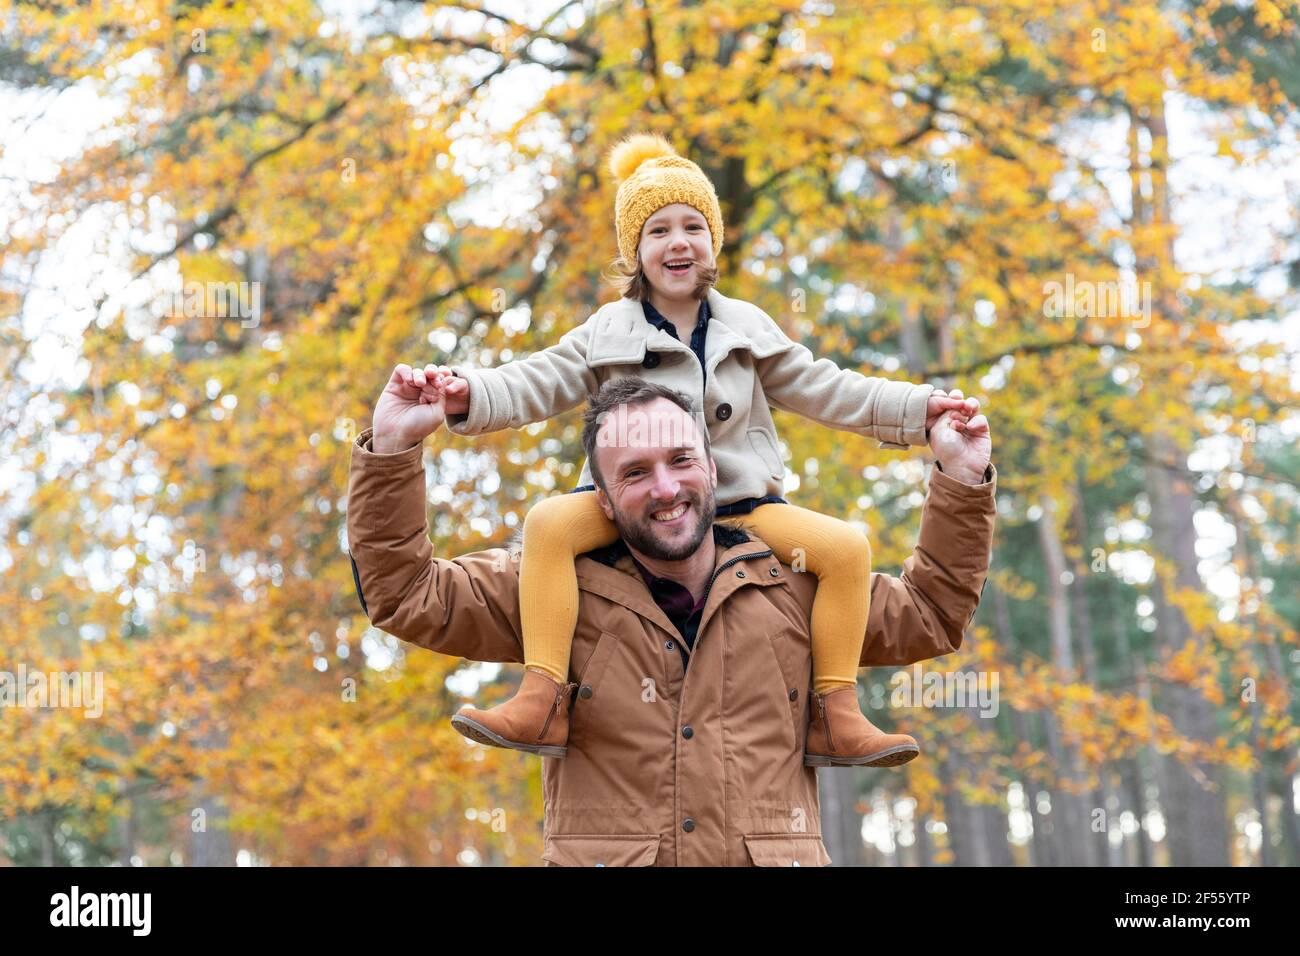 Père joueur portant une fille souriante debout dans la forêt Banque D'Images